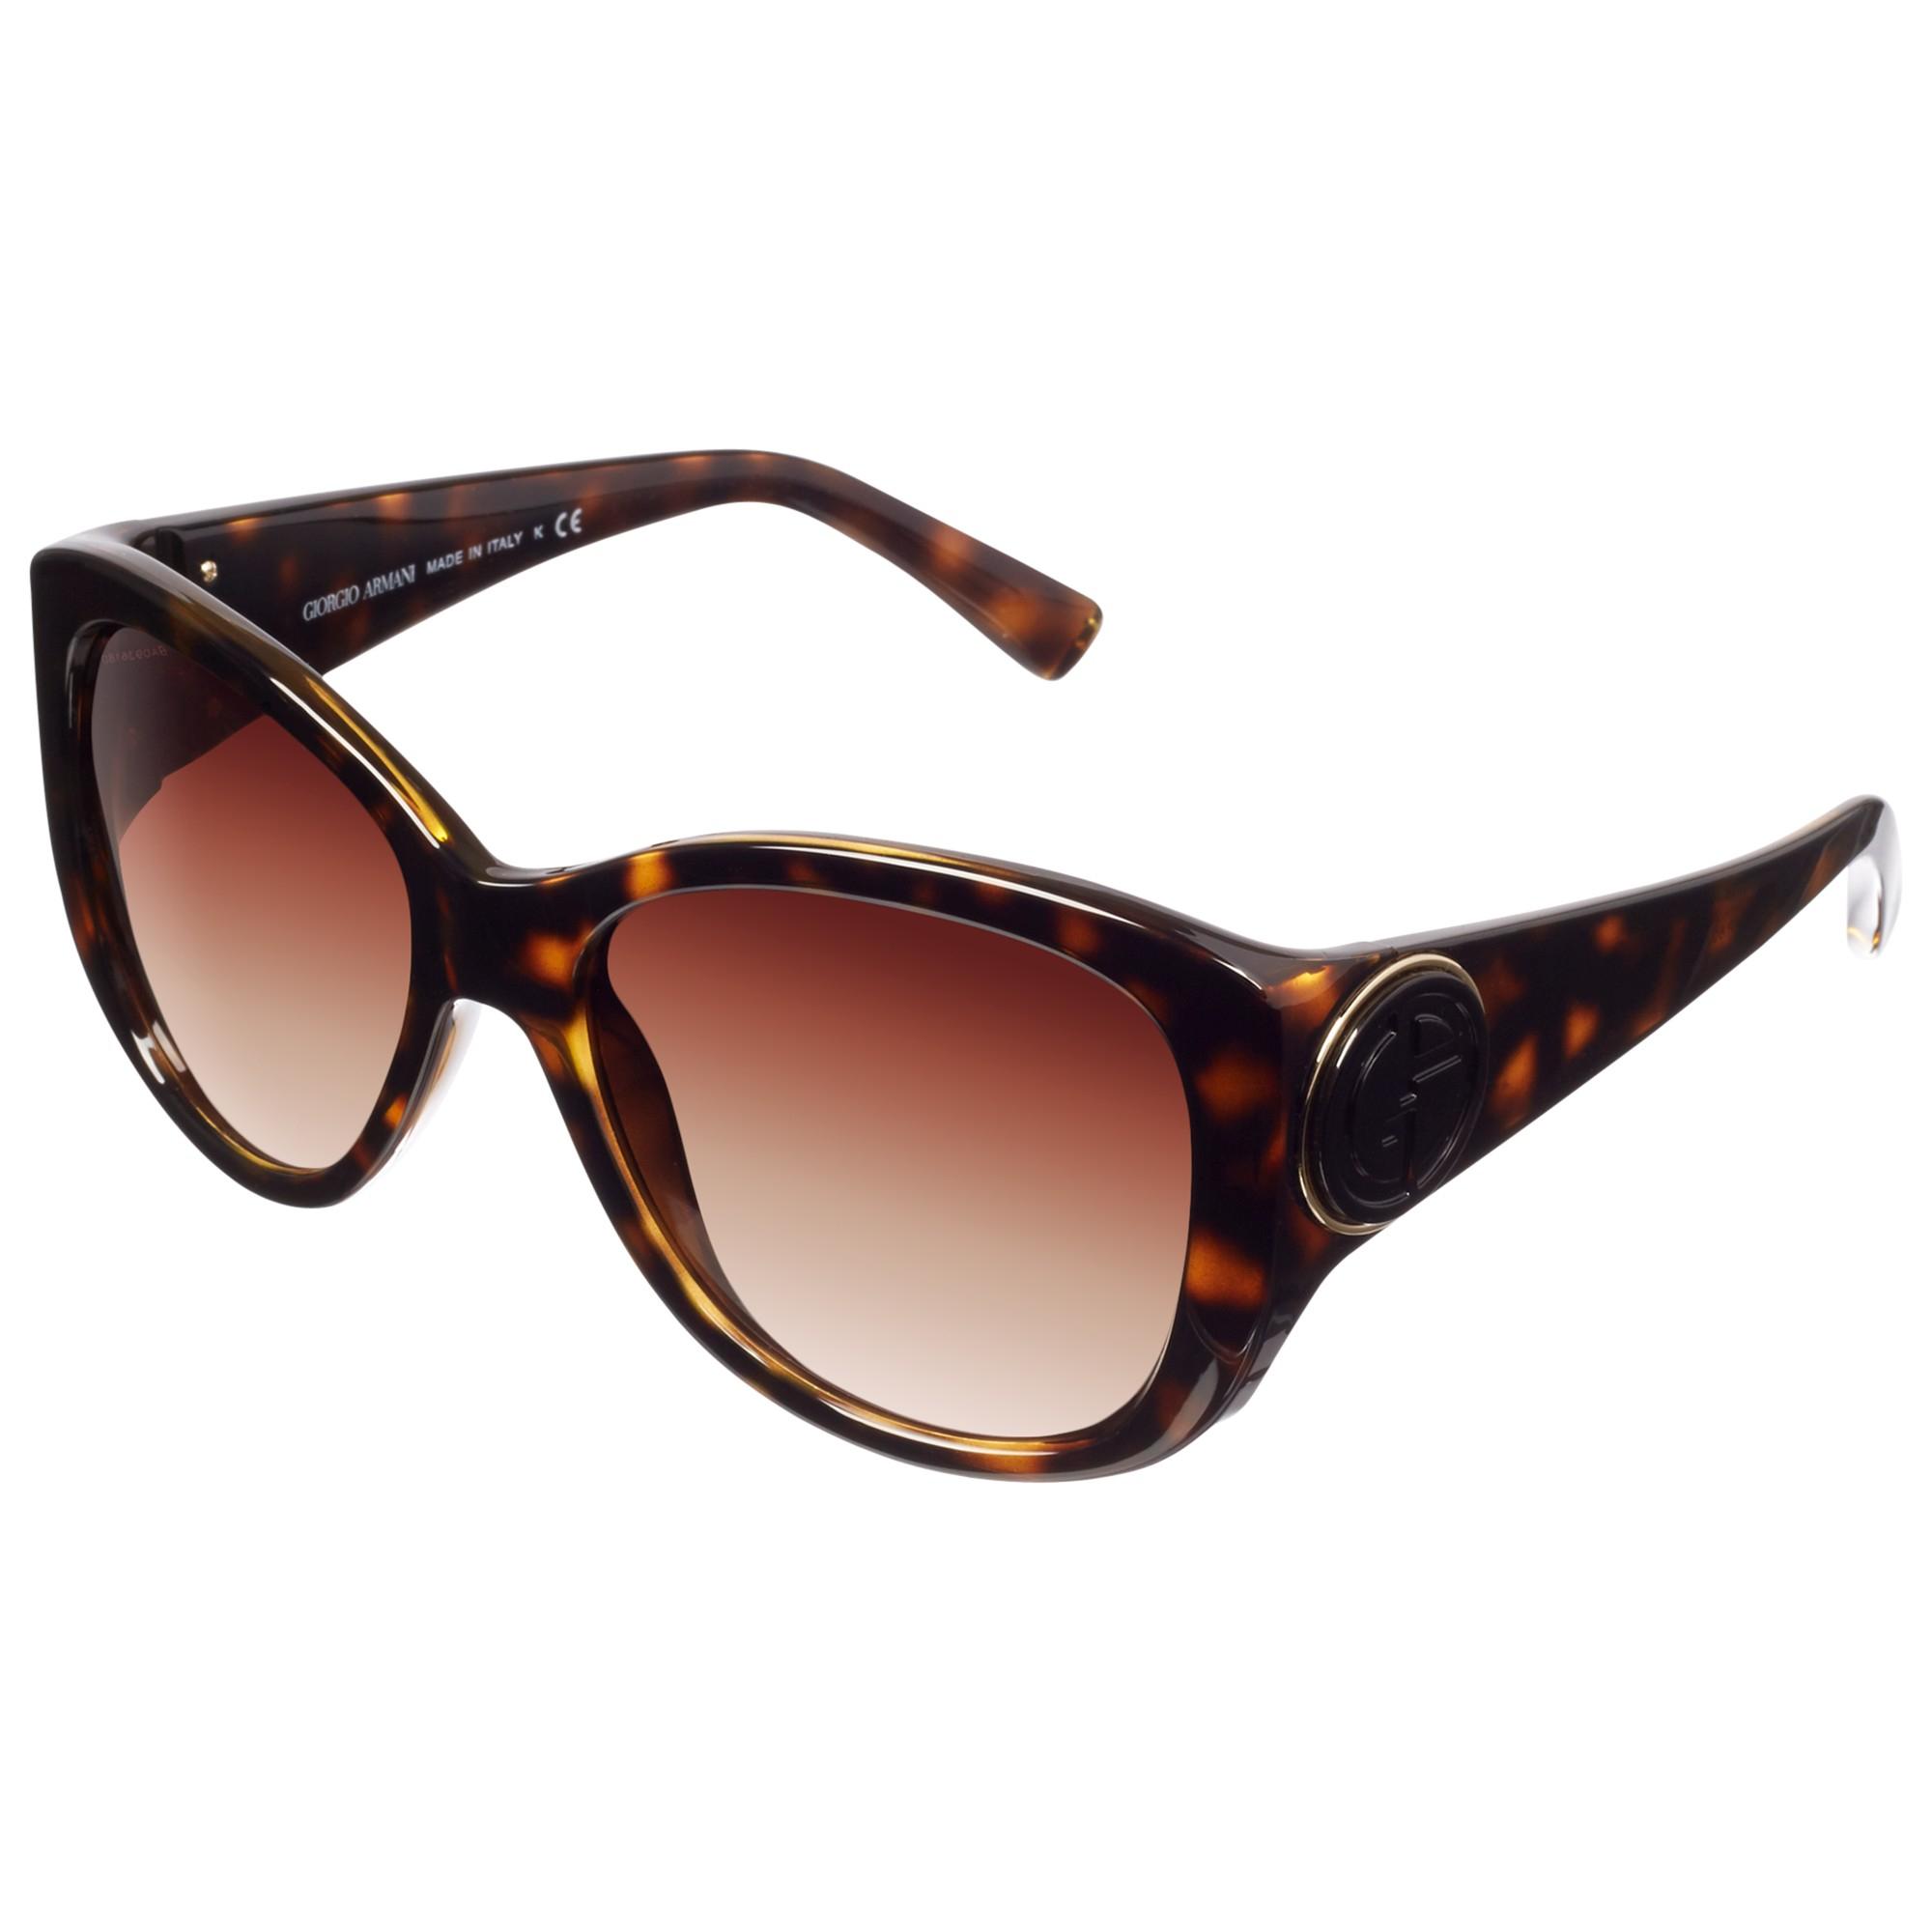 Lyst - Giorgio Armani Square Lens Sunglasses in Brown